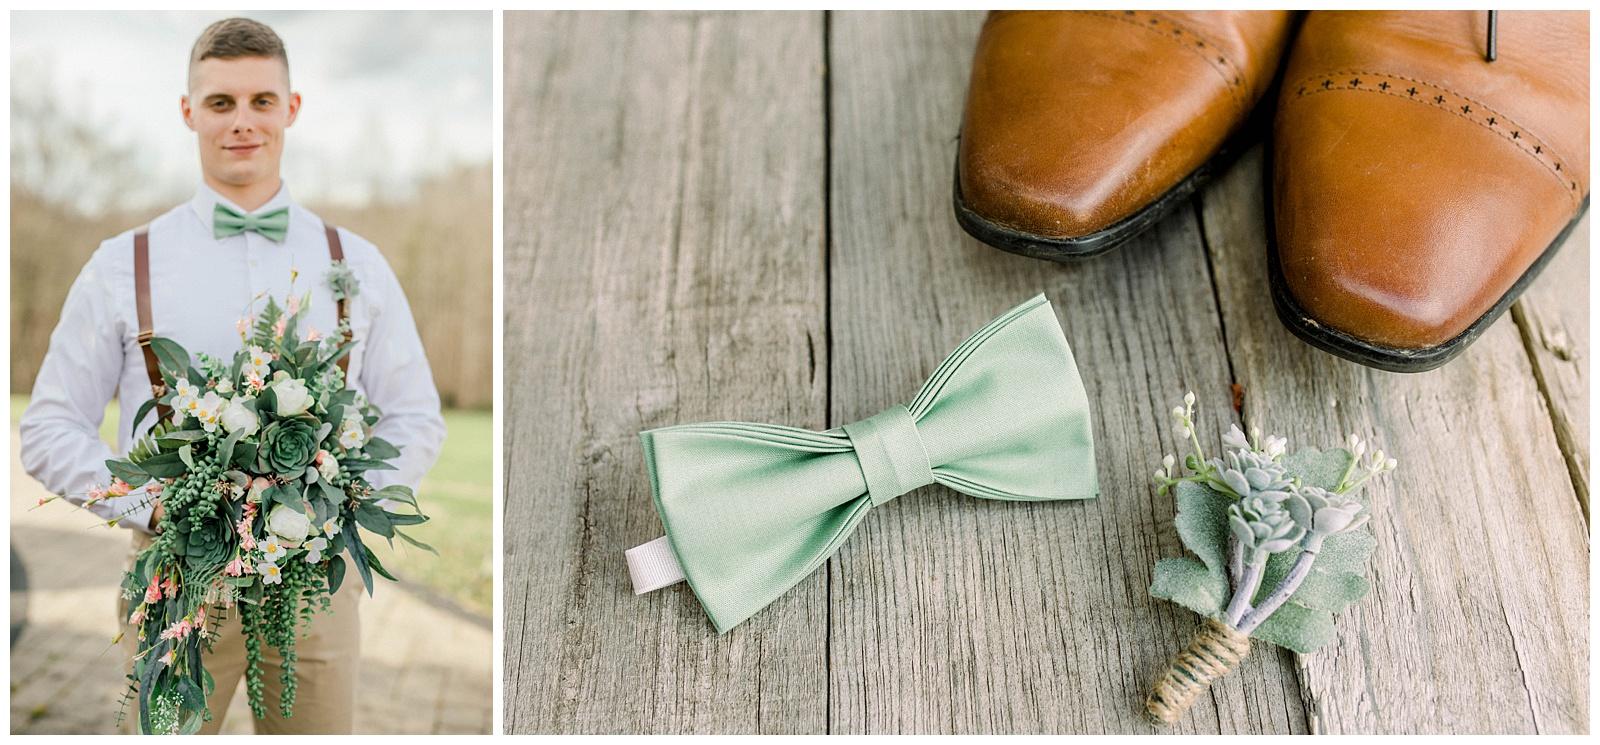 Lewis-Kara-Blakeman-Photography-Huntington-West-Virginia-Wedding-Barn-Olde-Homestead-4